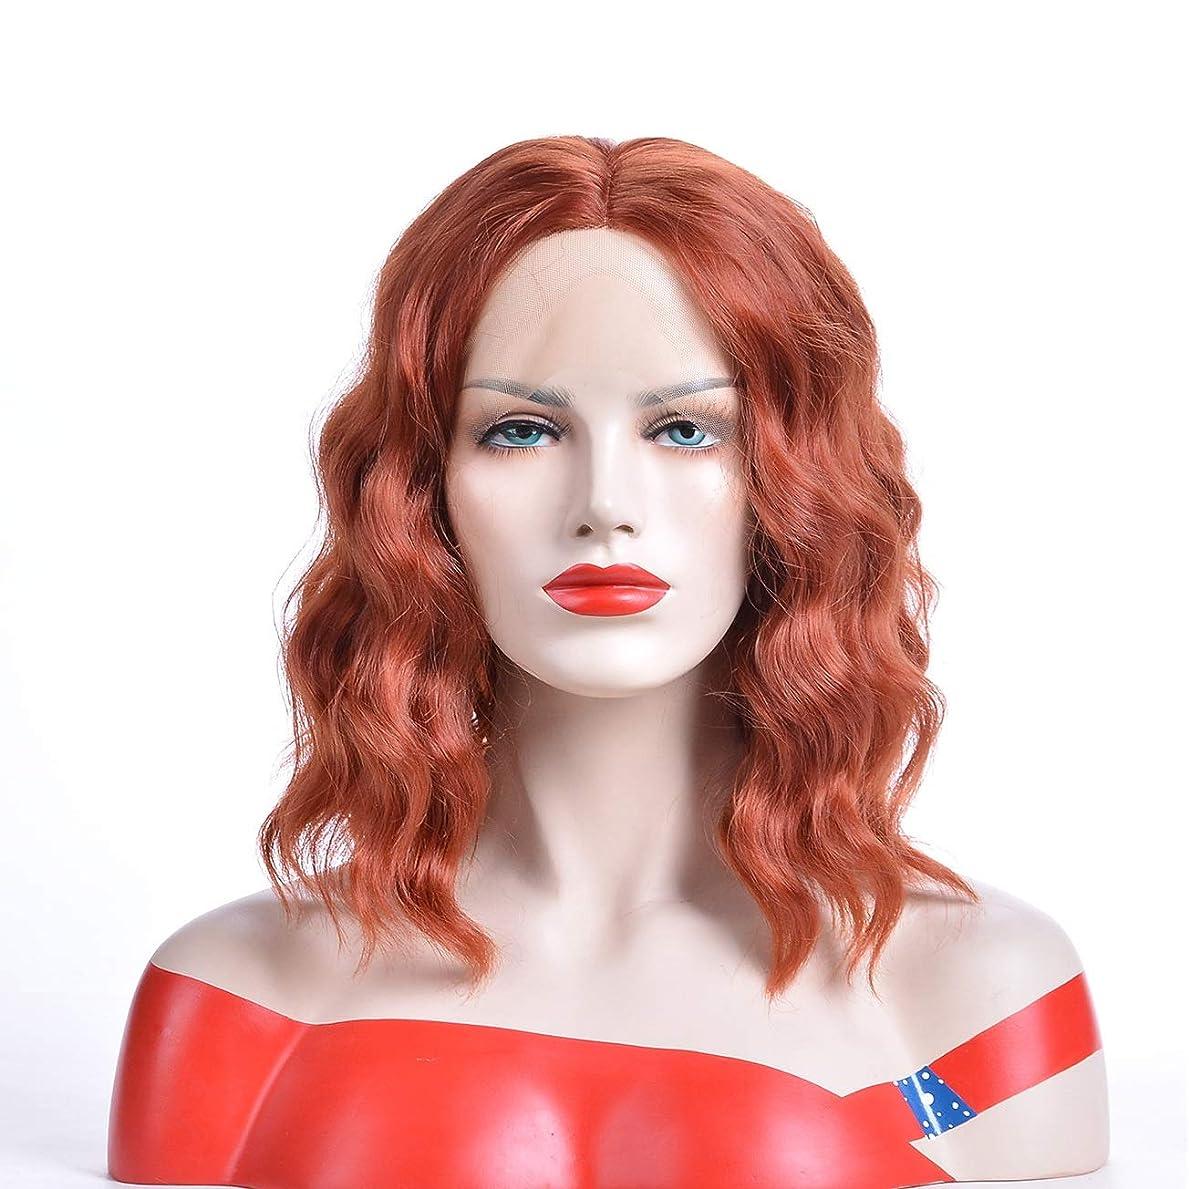 ミンチ相反する受取人YOUQIU 21「」ショート波状カーリーブロンドレッド女性の女の子の魅力的な合成かつらコスプレハロウィンウィッグ耐熱ボブ?パーティーウィッグウィッグ (色 : Blonde Red, サイズ : 21